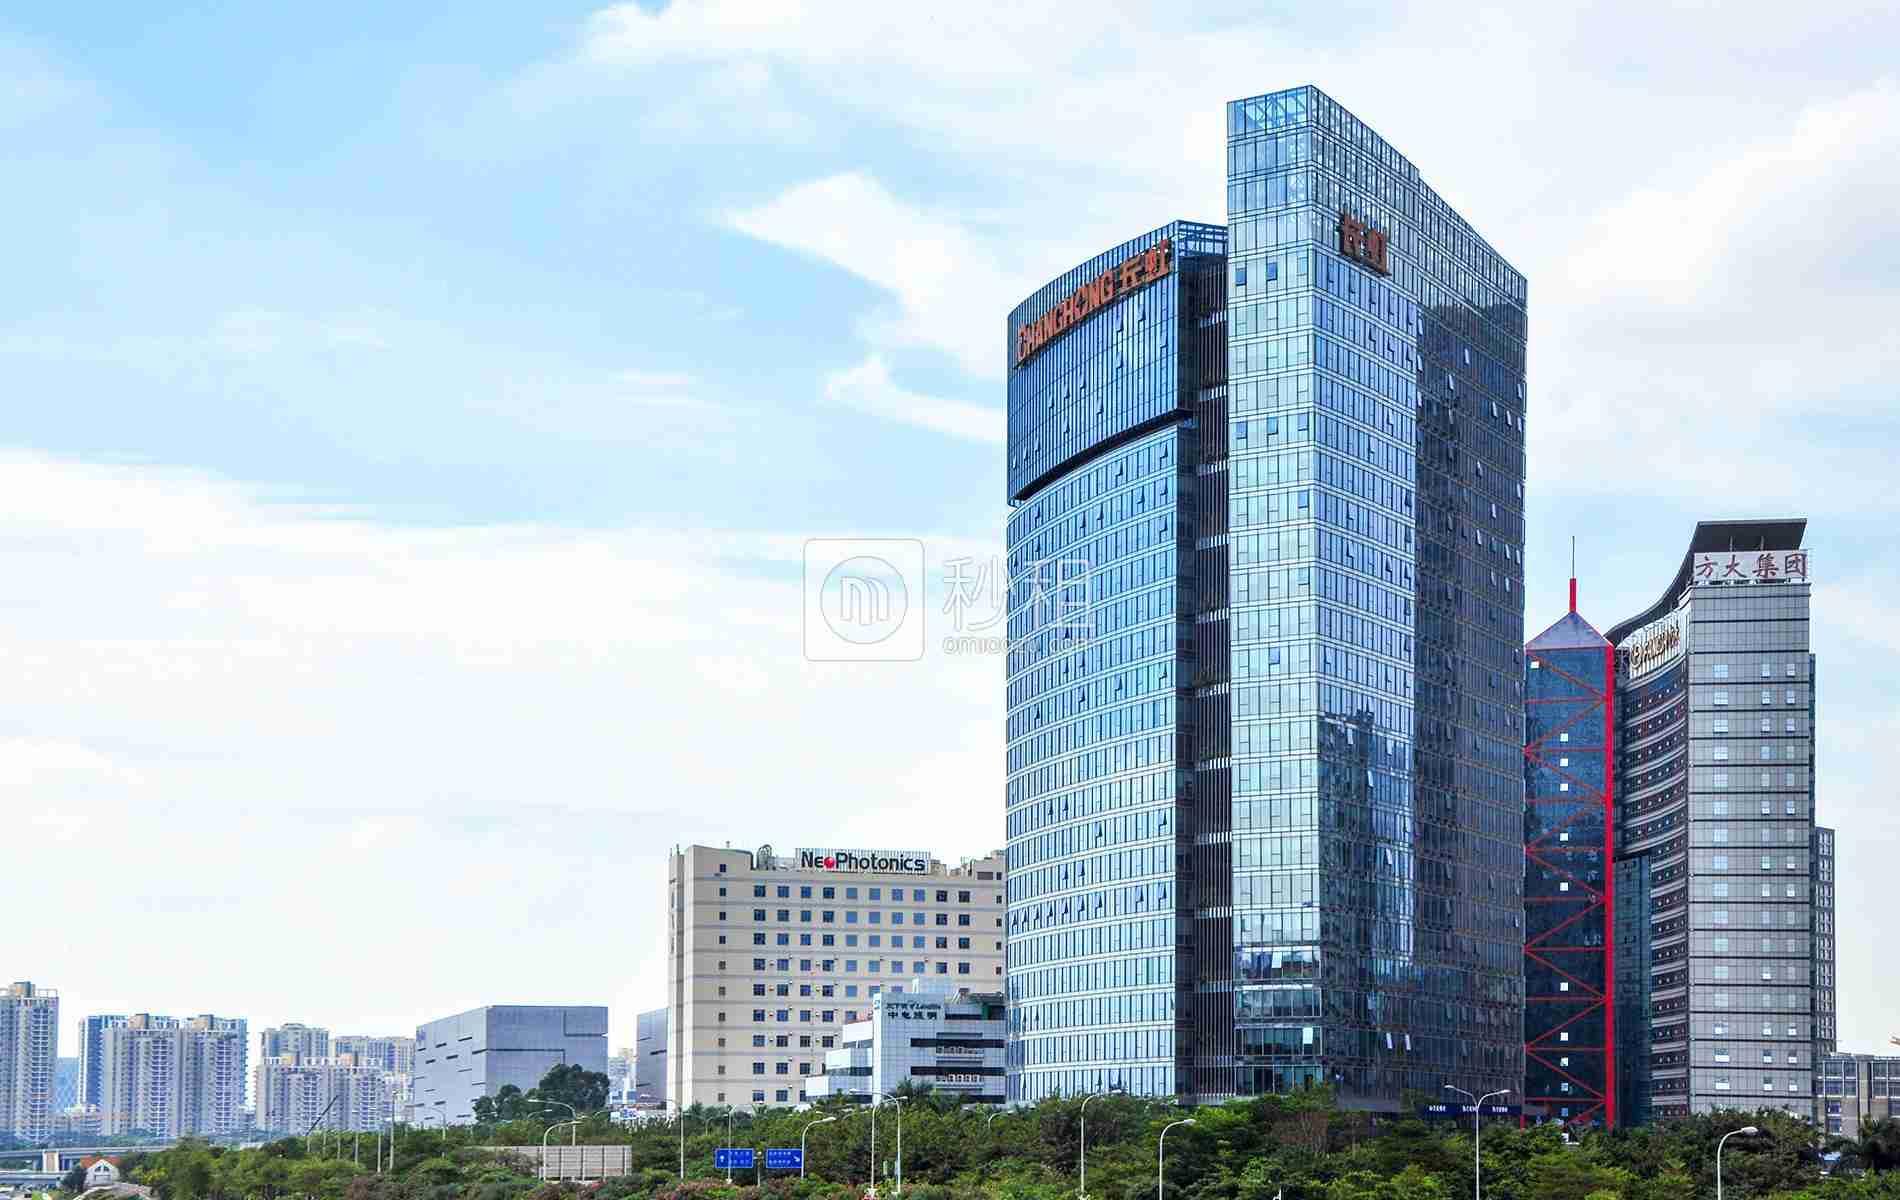 长虹科技大厦写字楼出租/招租/租赁,长虹科技大厦办公室出租/招租/租赁